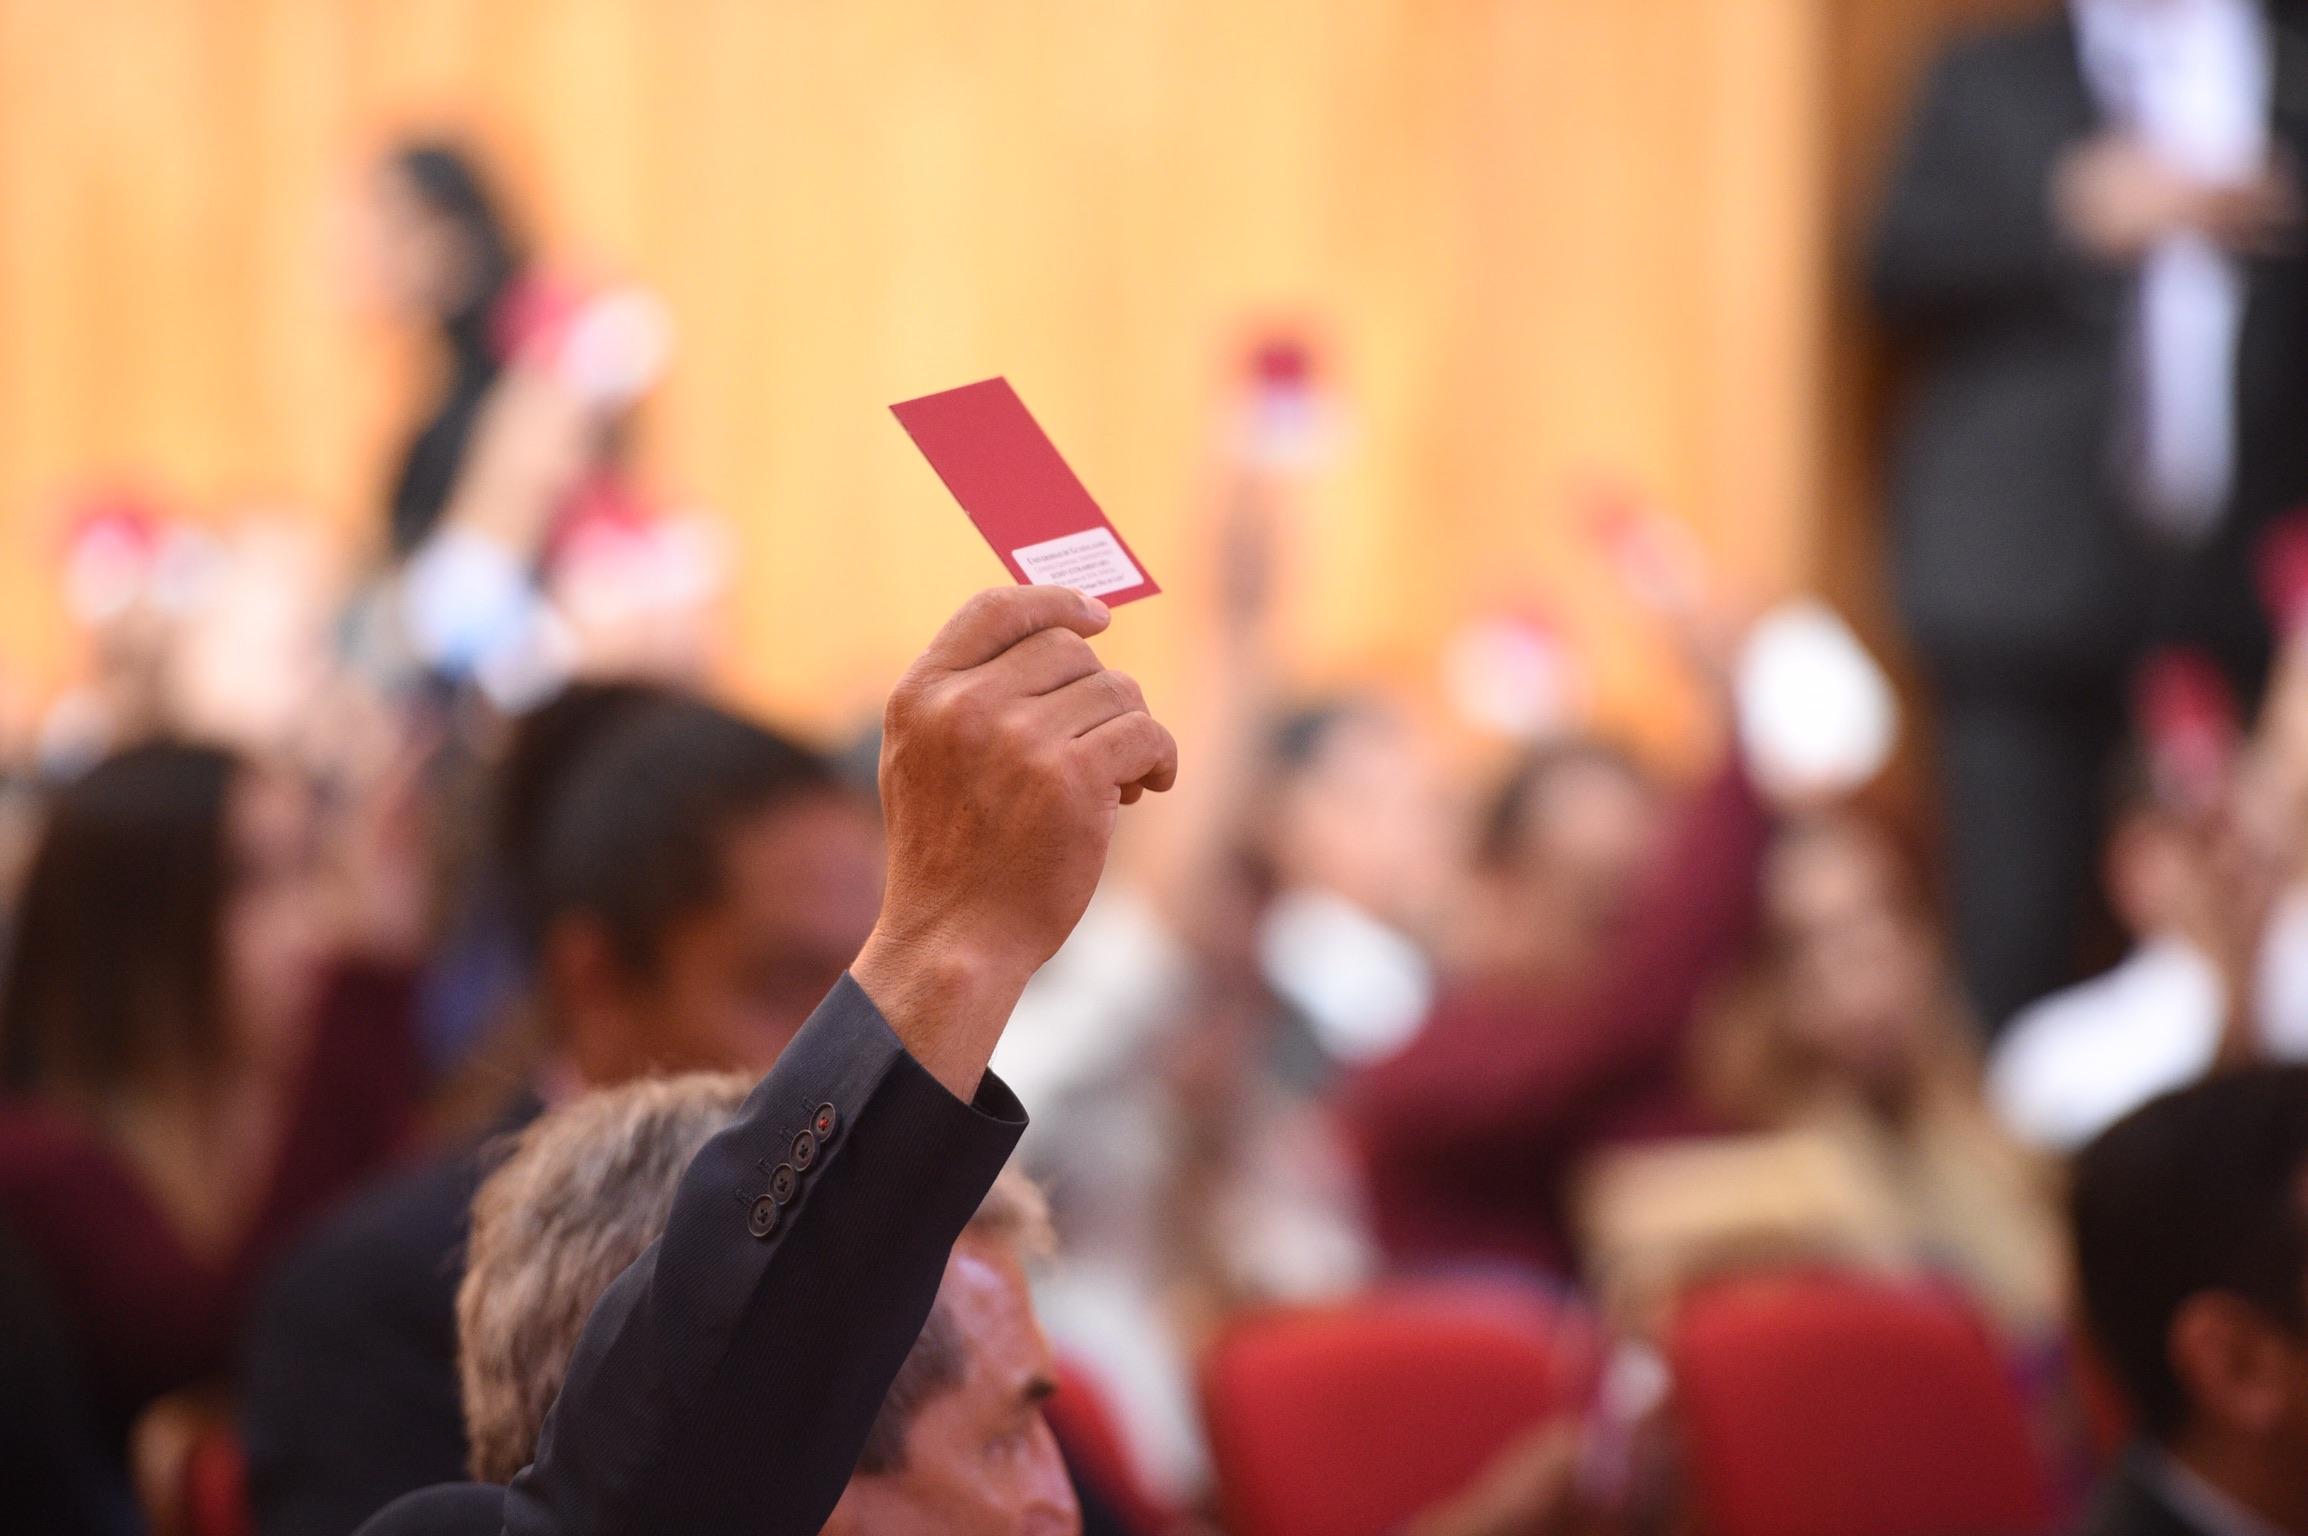 Miembros del Consejo General Universitario de la Universidad de Guadalajara, realizando votación en Sesión Ordinaria para la creación del Defensor de los Derechos Universitarios y el Protocolo de Atención para Casos de Violación a los Derechos Universitarios.